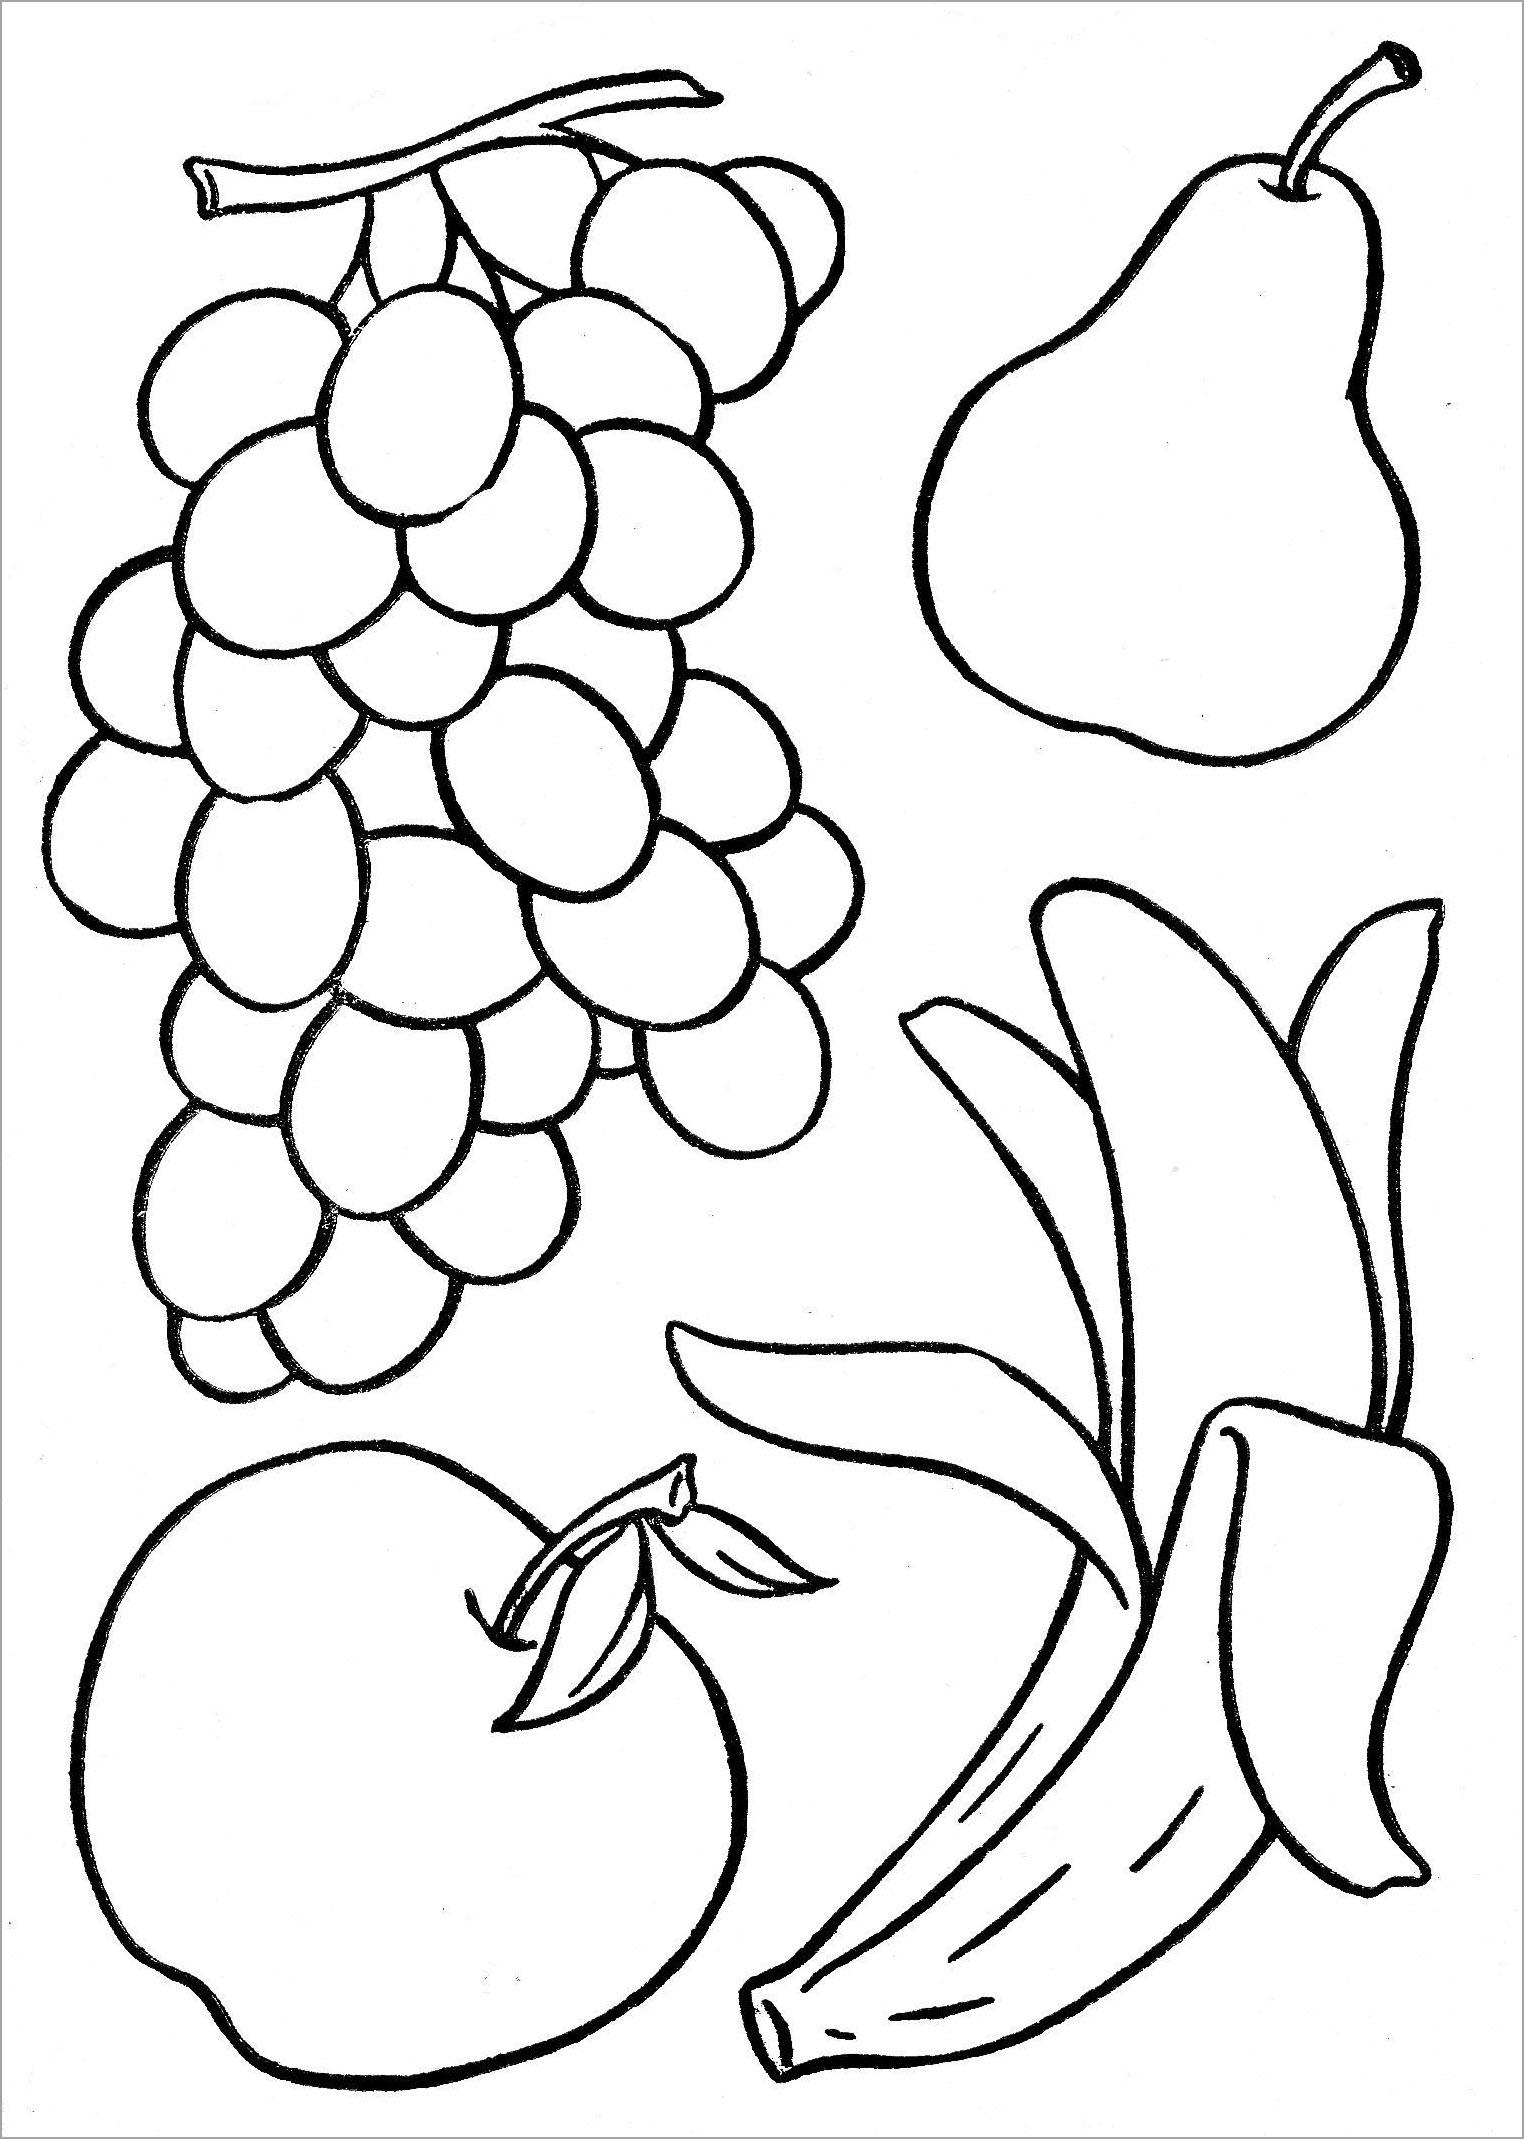 Tranh tô màu các loại hoa quả